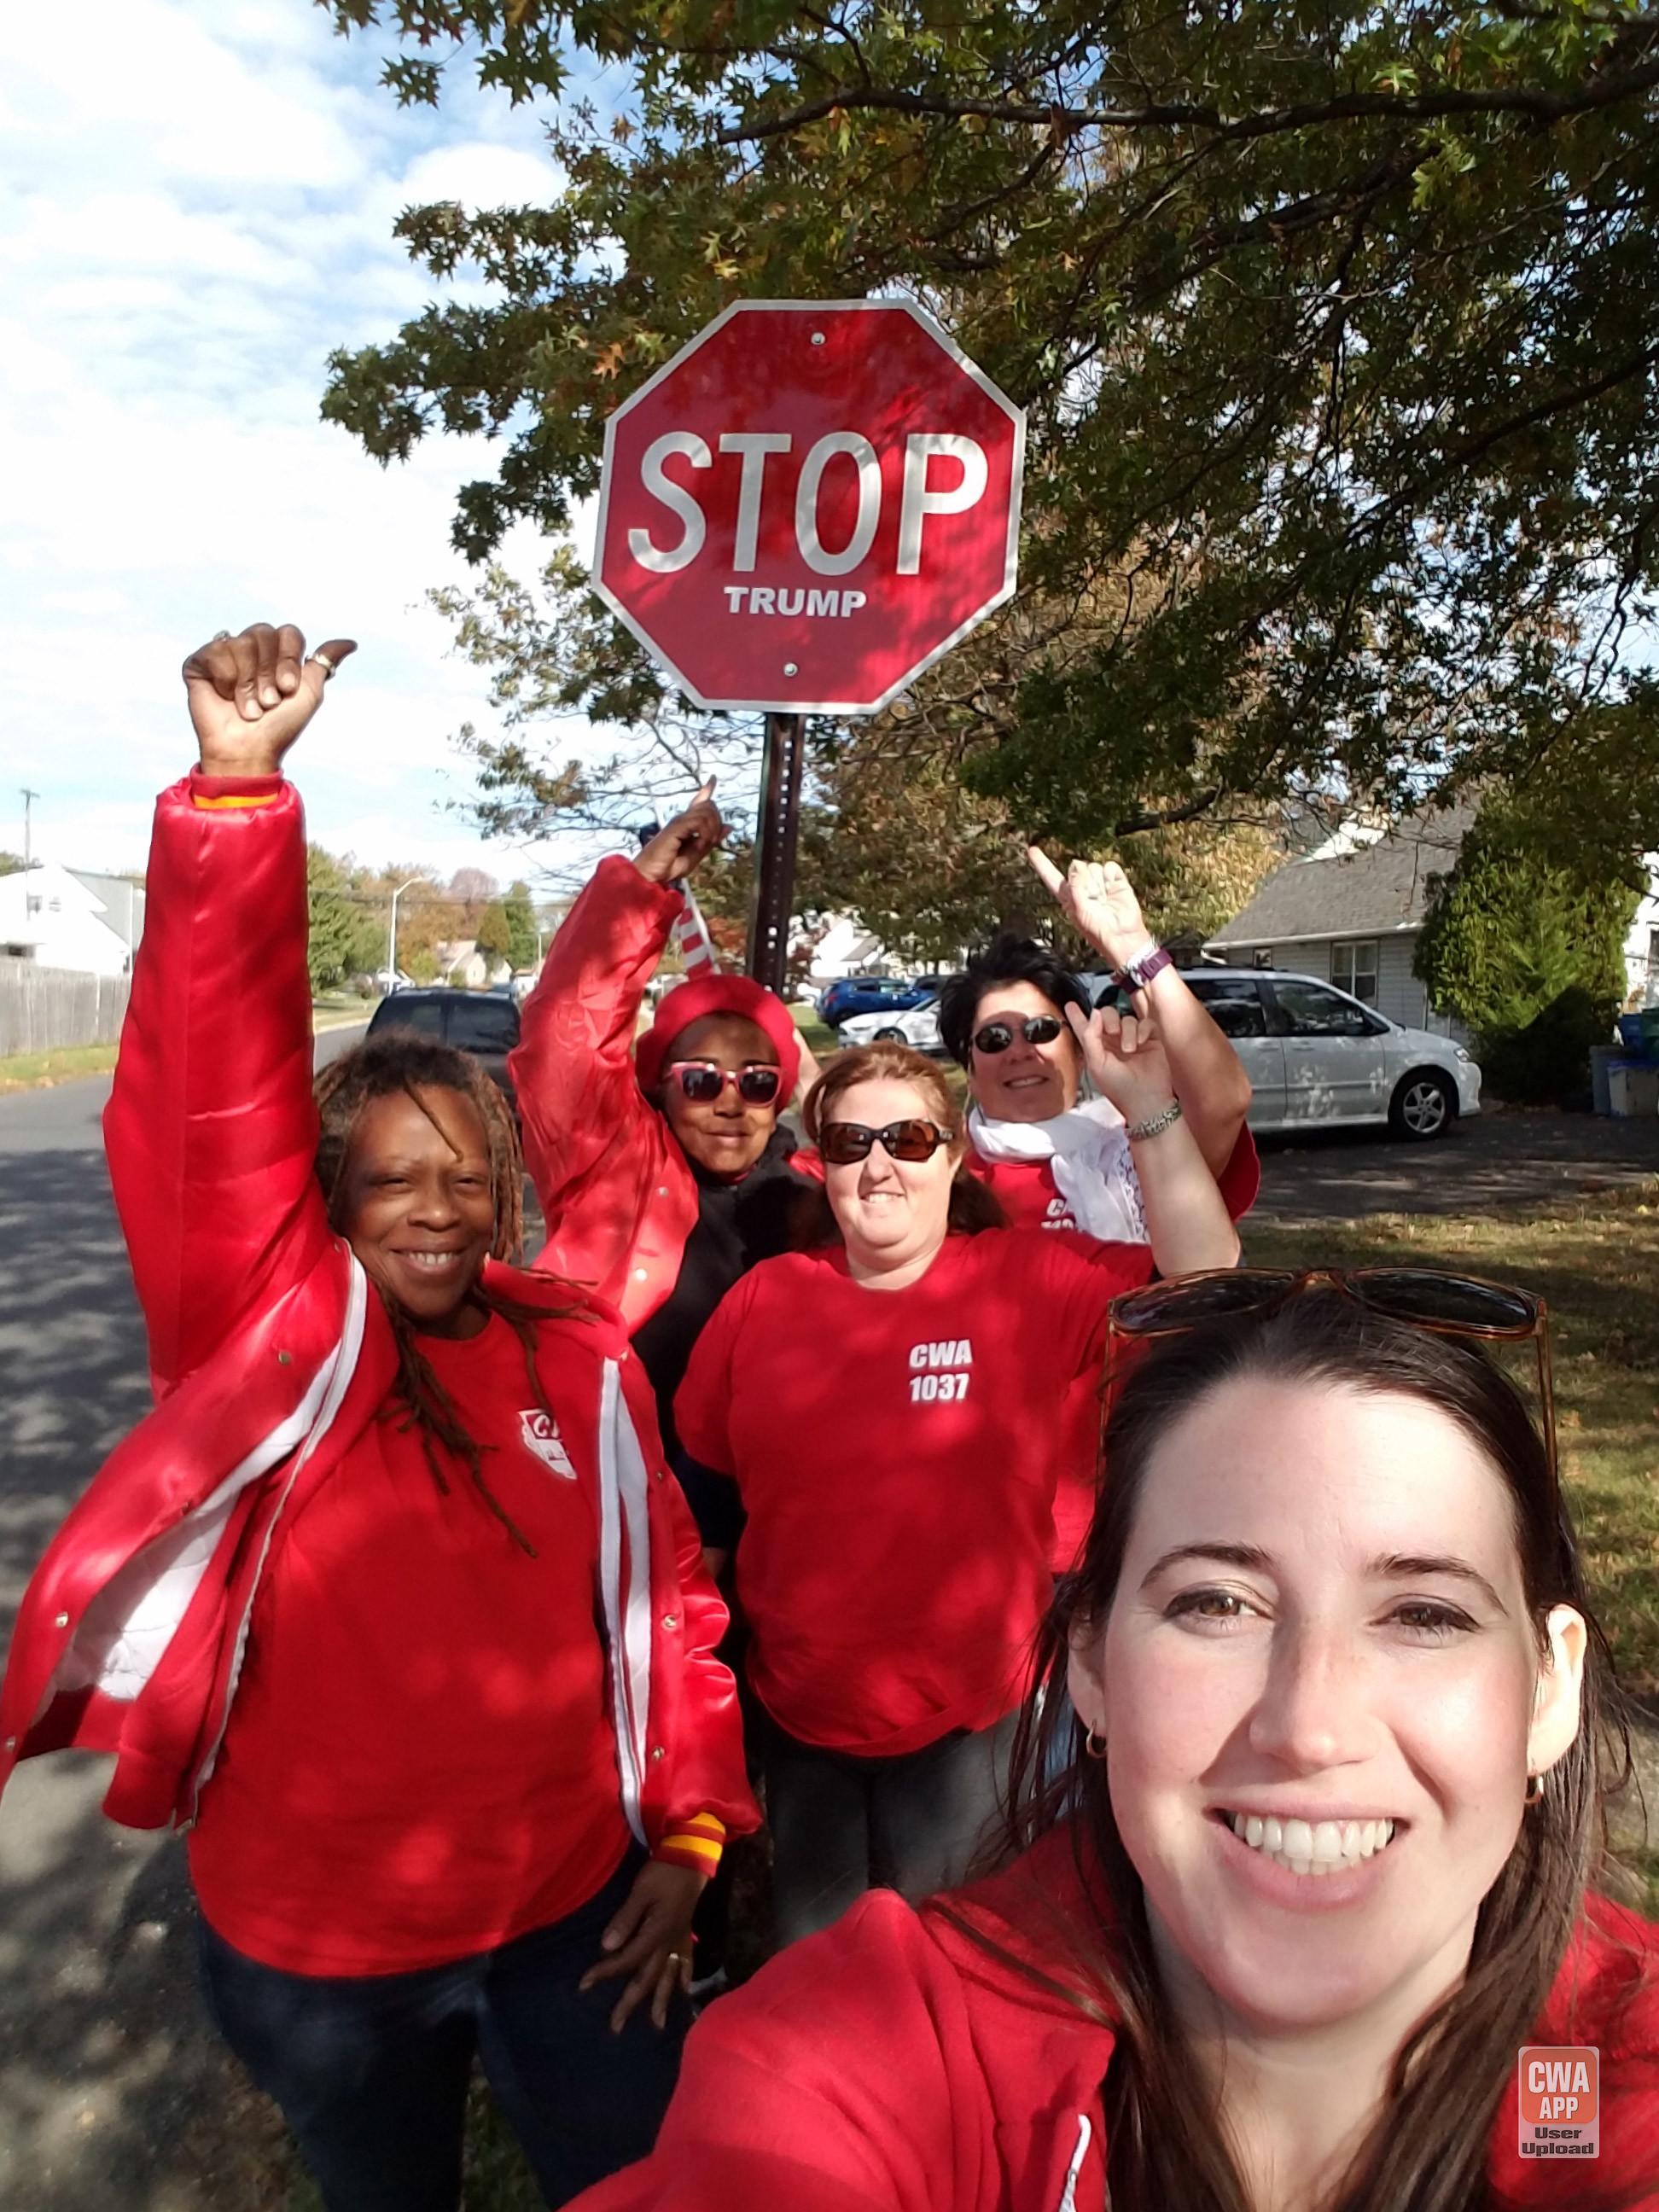 CWA Votes 2016 Labor Walk in Pennsylvania